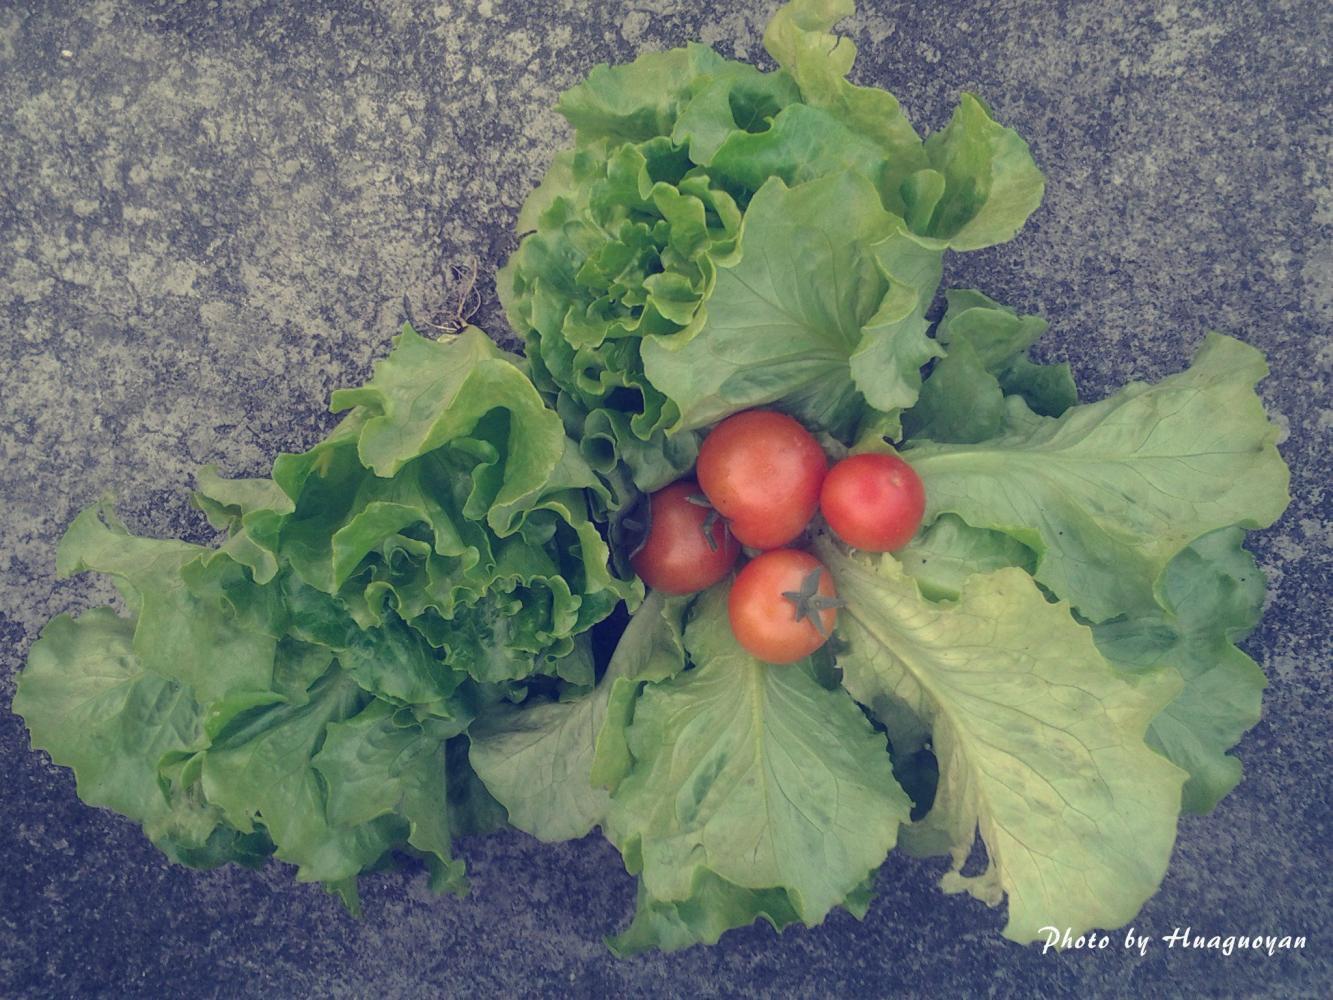 开始动手: 生菜苗定植,生菜是30天前播的种,一个小穴盆放入三粒种子,若出的都是壮苗则分苗种植,过弱则淘汰。我喜欢用这种小穴盆播种,好处有很多,如:若种子发芽后遇恶劣天气能容易搬回室内躲避寒流雨雪;若遇天气不好,种在大盆的蔬菜生长缓慢,不能预期收获以腾出花盆或位置时,那些可以定植的小苗还能呆在小穴盆内正常生长一段时间。